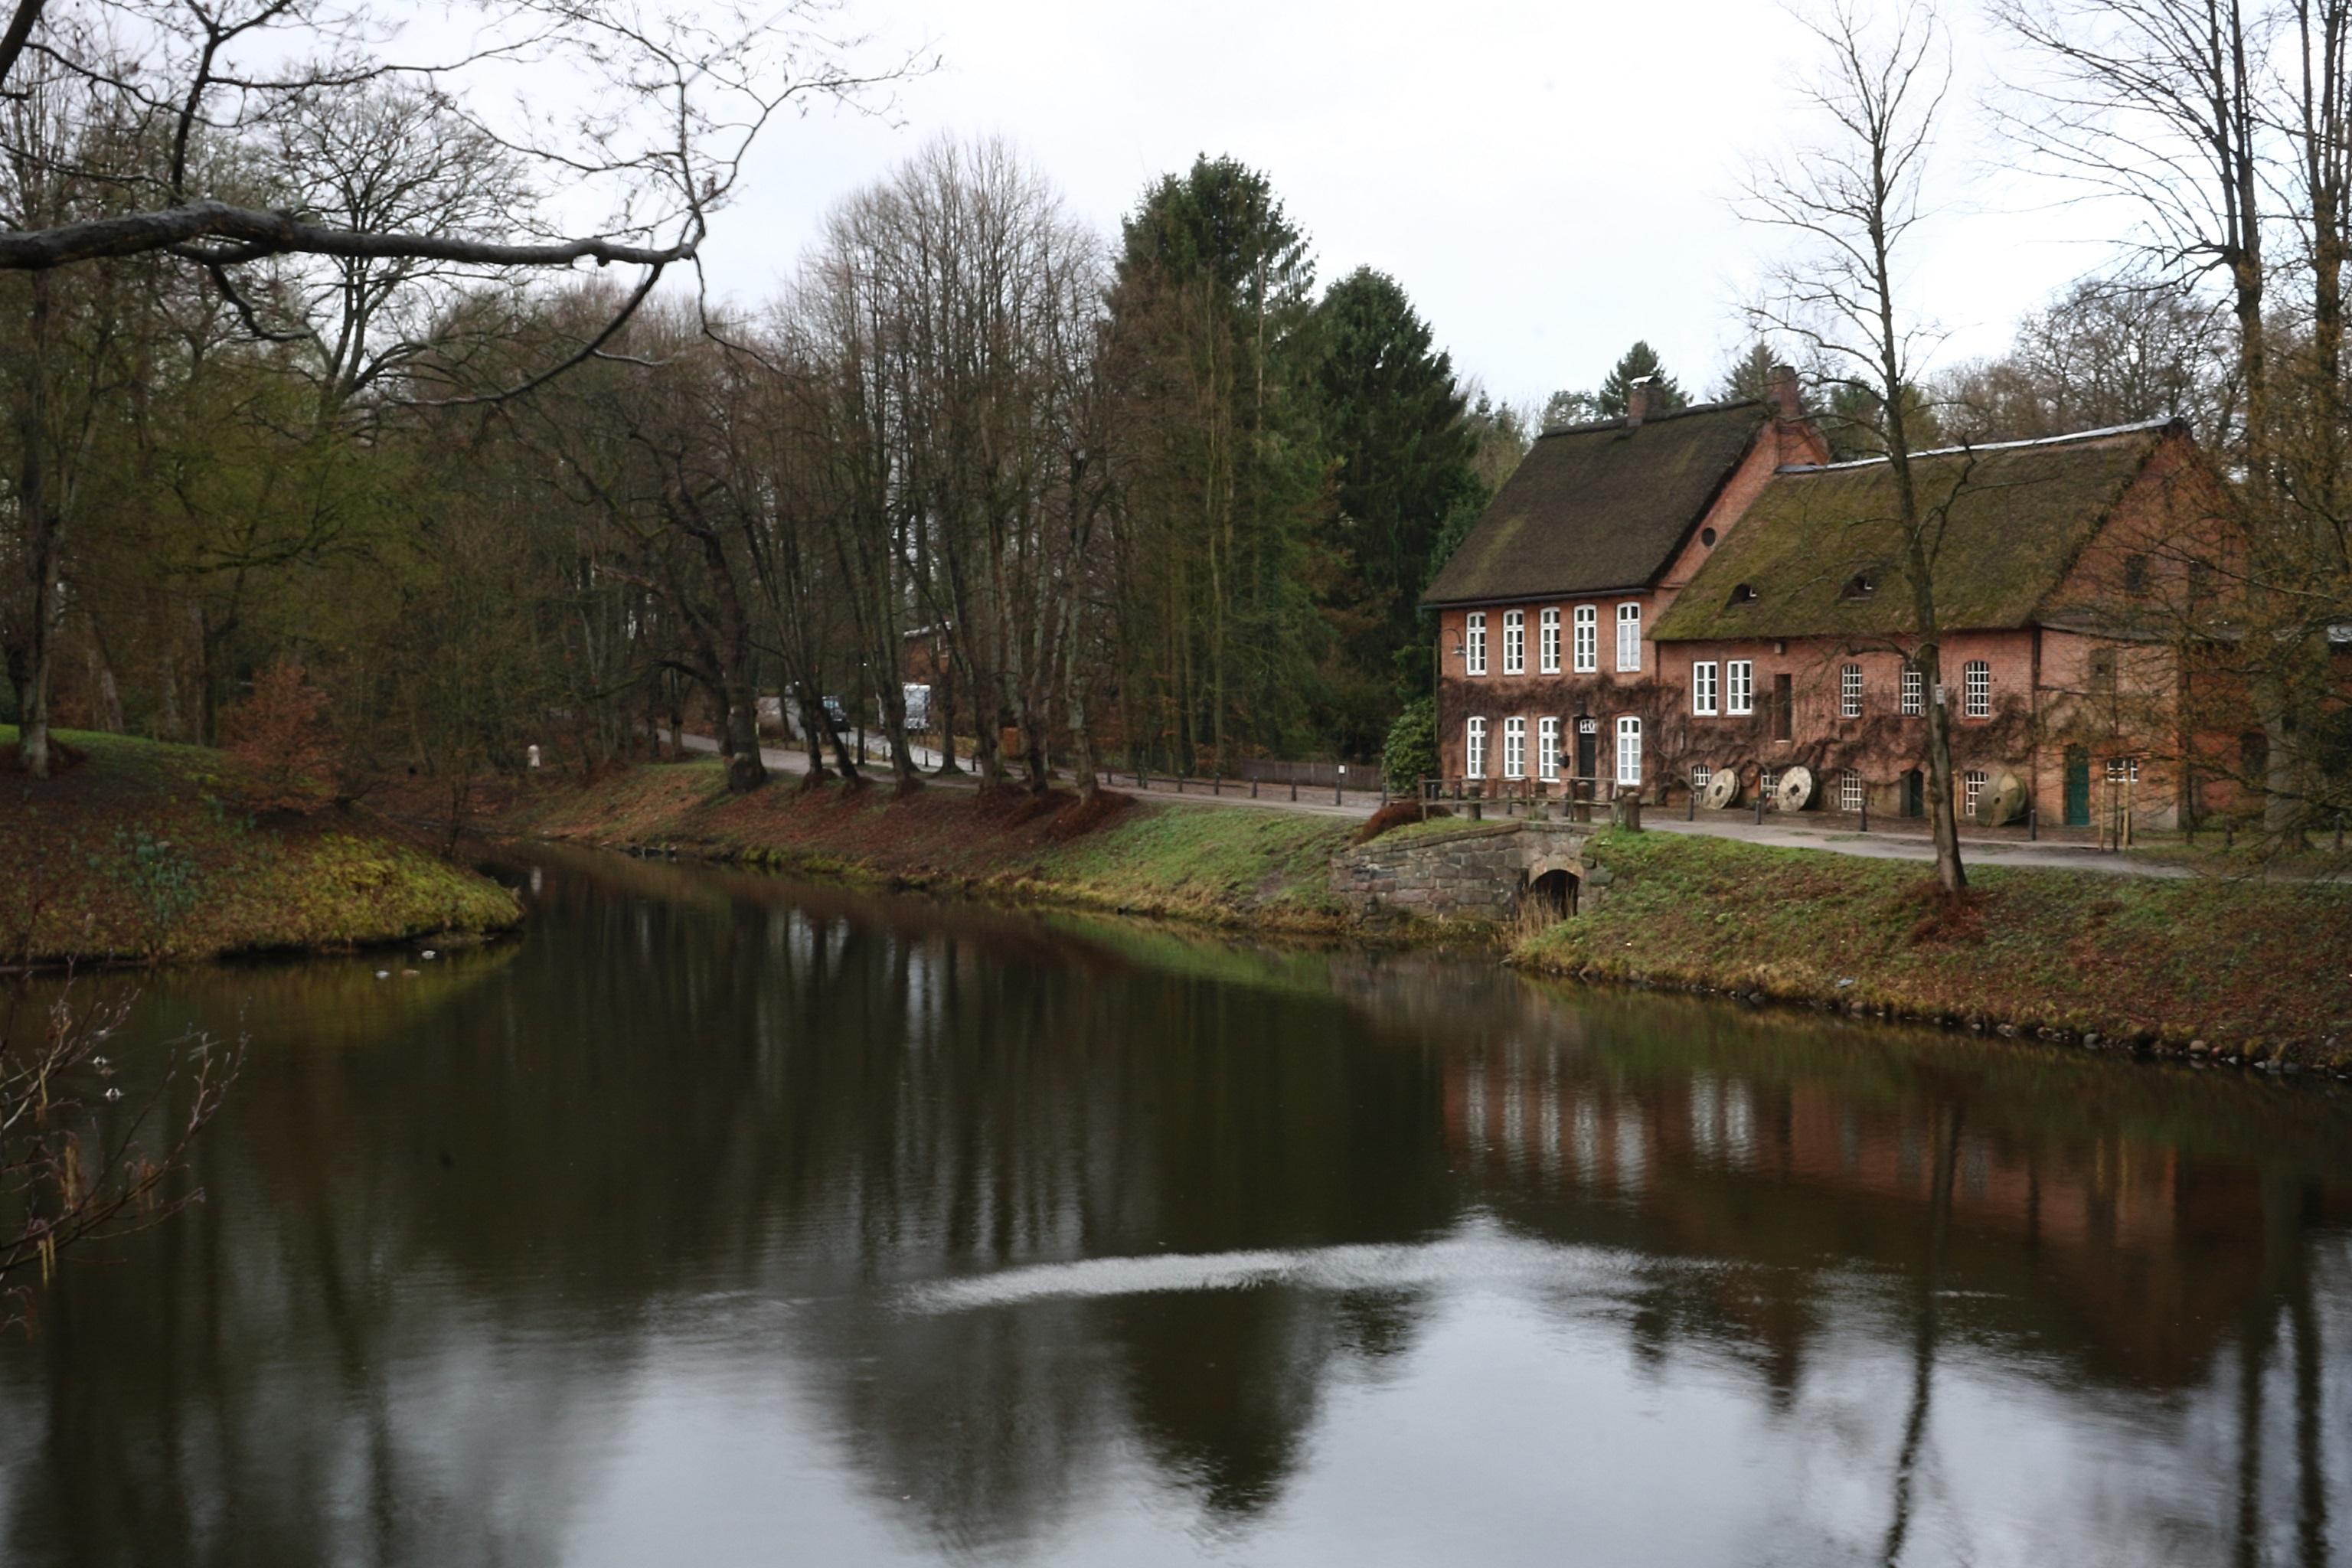 Die auf dem Bild zusehende Wassermühle gehört zum Schloss Ahrensburg und wurde im laufe der Zeit mehrfach umgebaut.